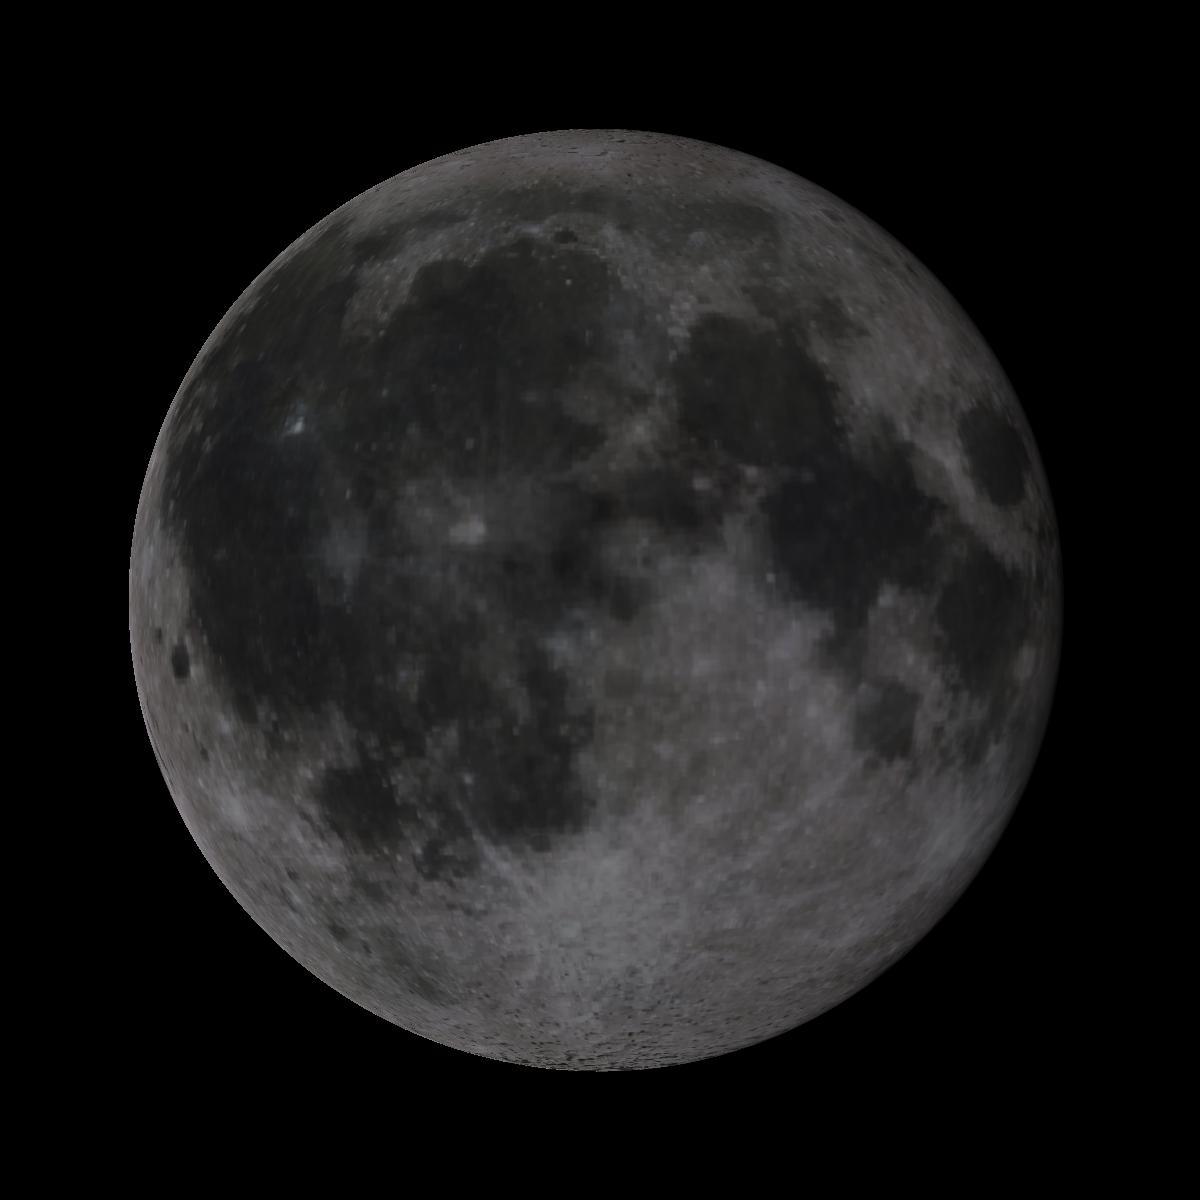 Lune du 13 décembre 2019